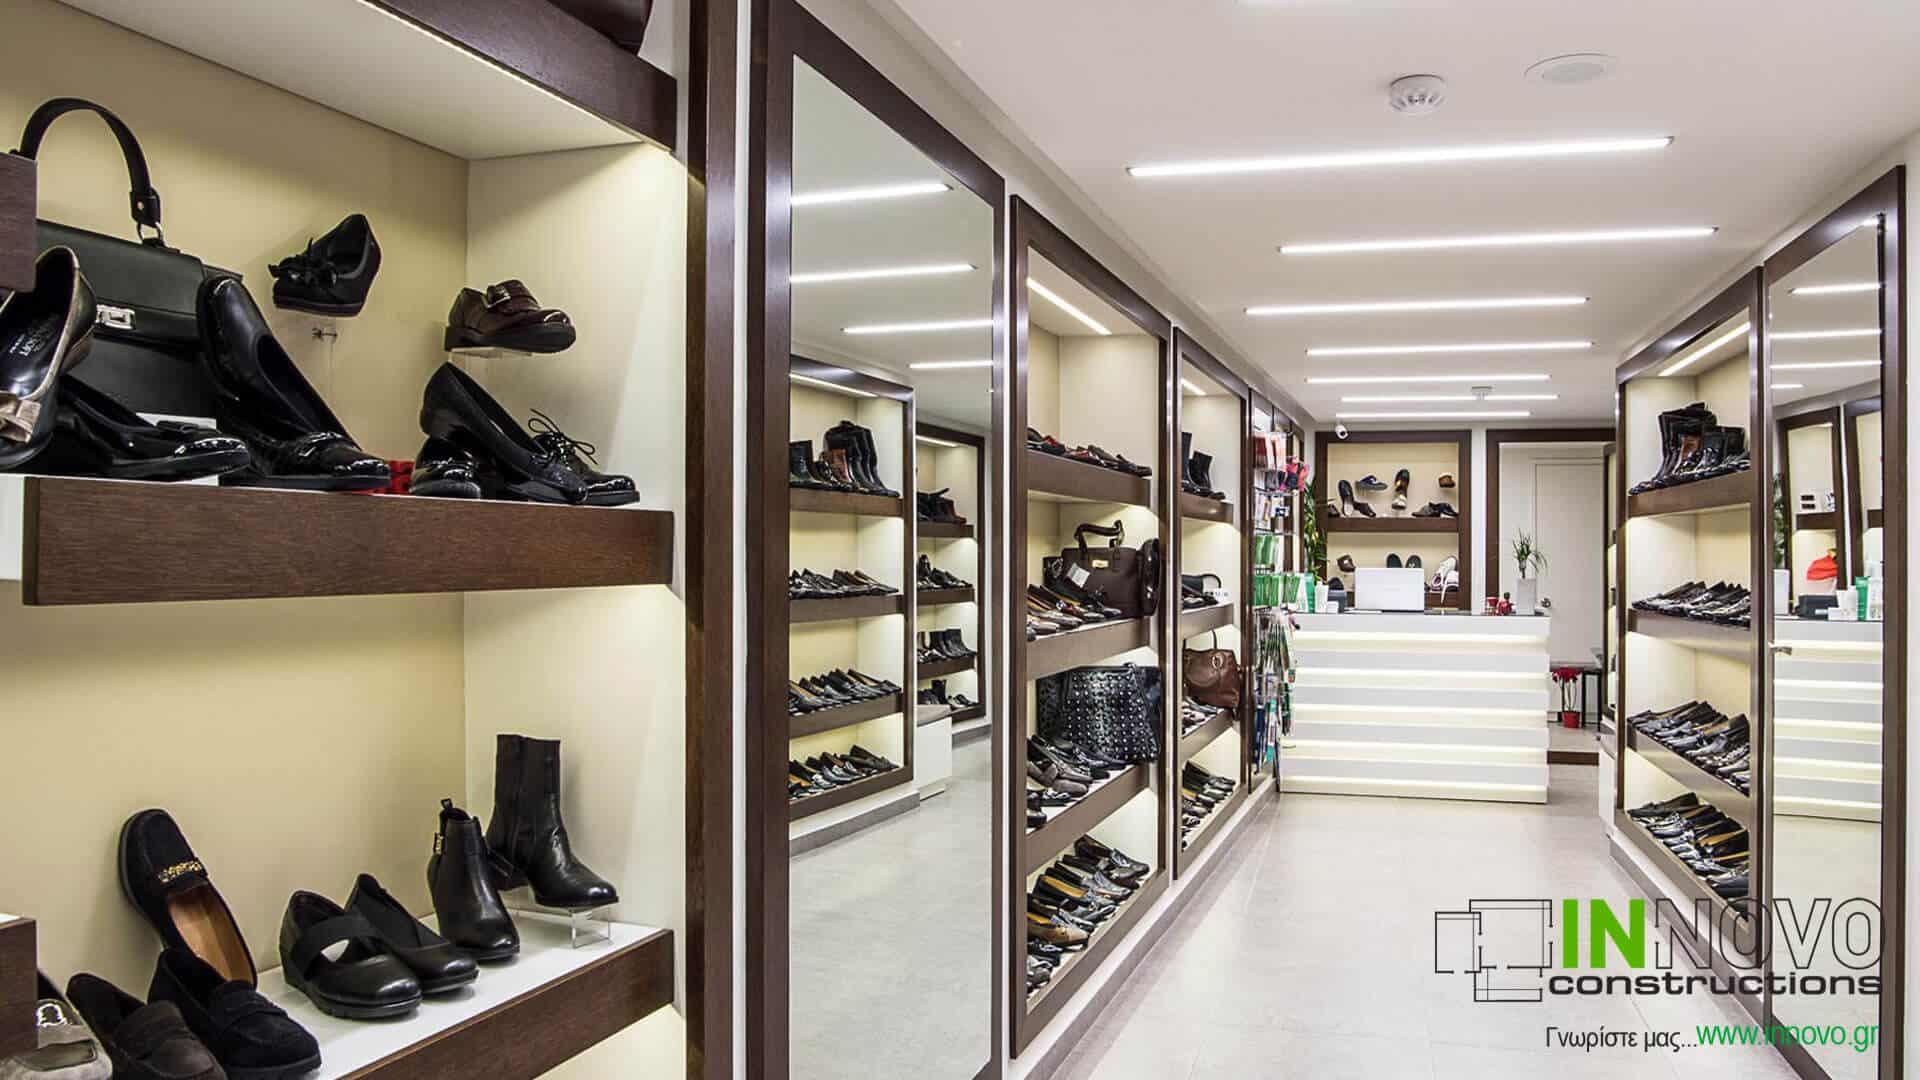 anakainisi-katastimatos-papoutsion-shoe-store-renovation-papoutsia-ampelokhpoi-1805-4